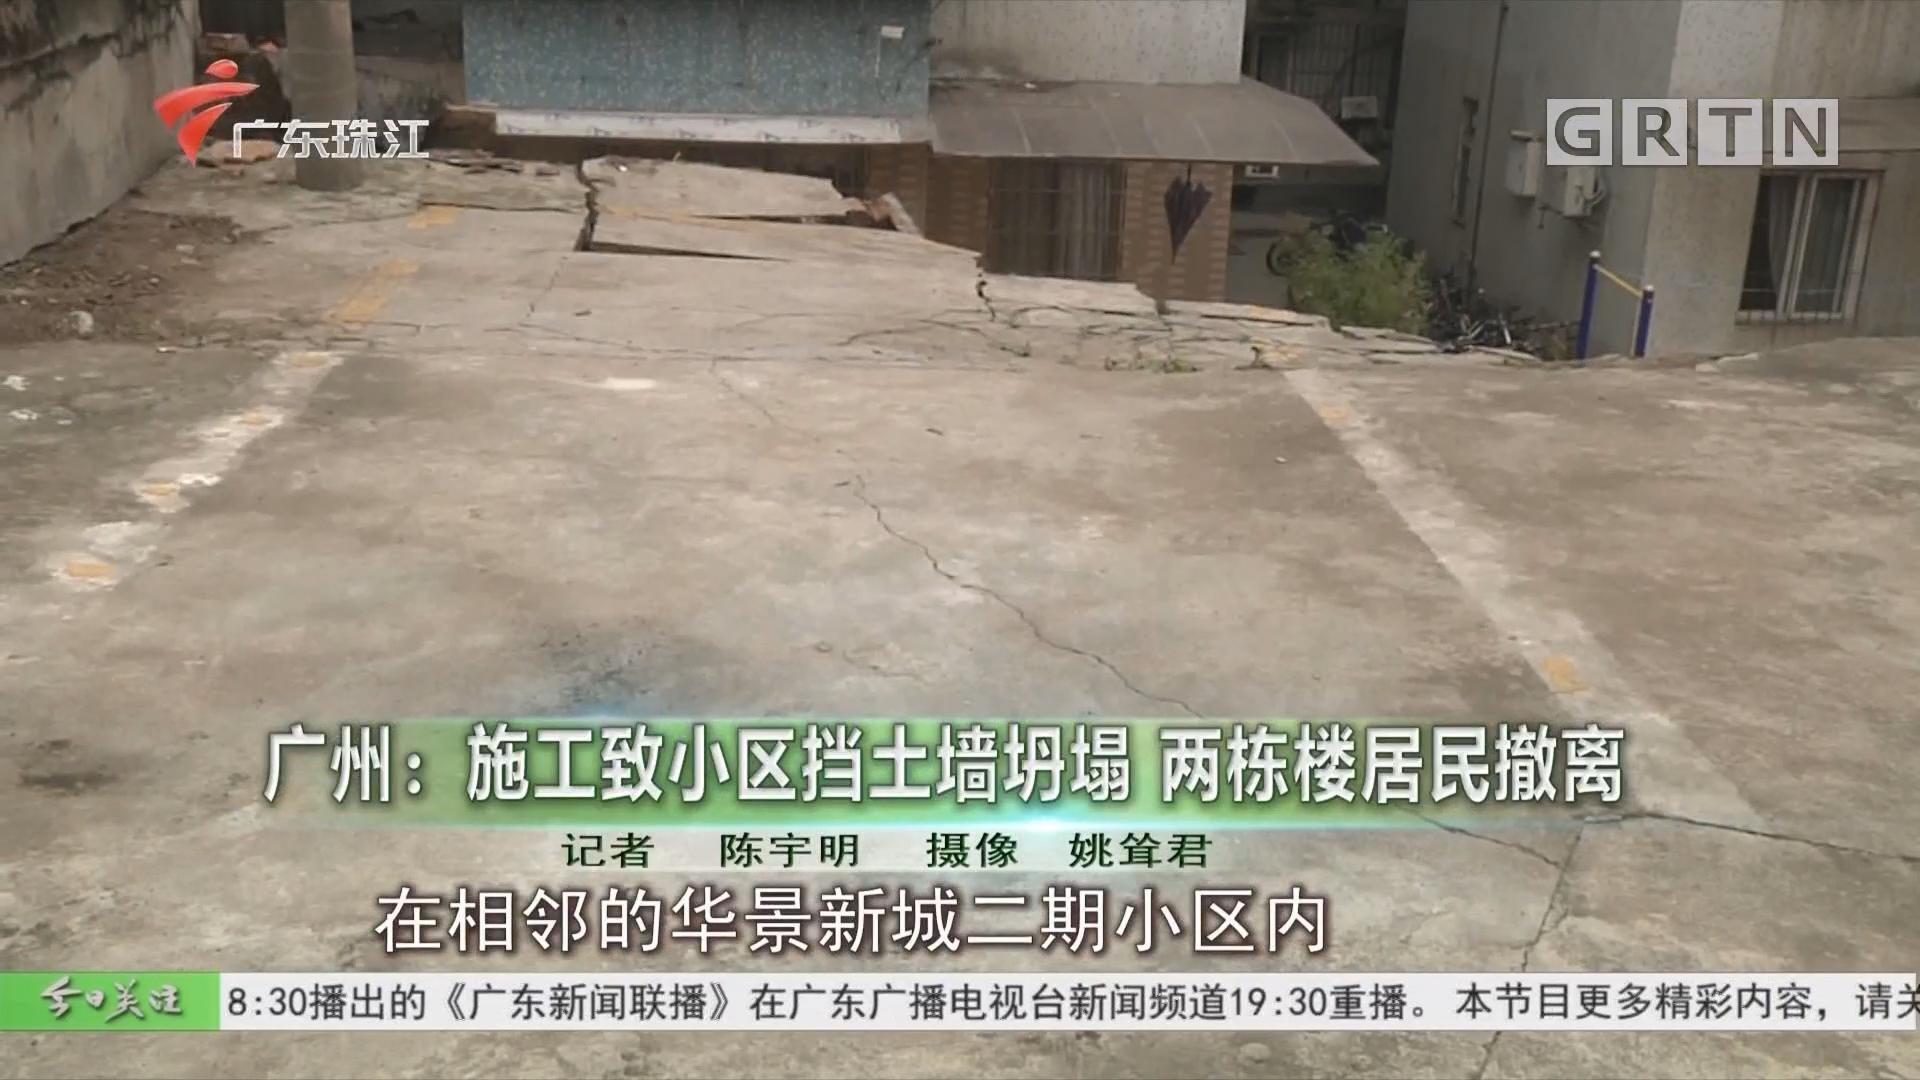 广州:施工致小区挡土墙坍塌 两栋楼居民撤离